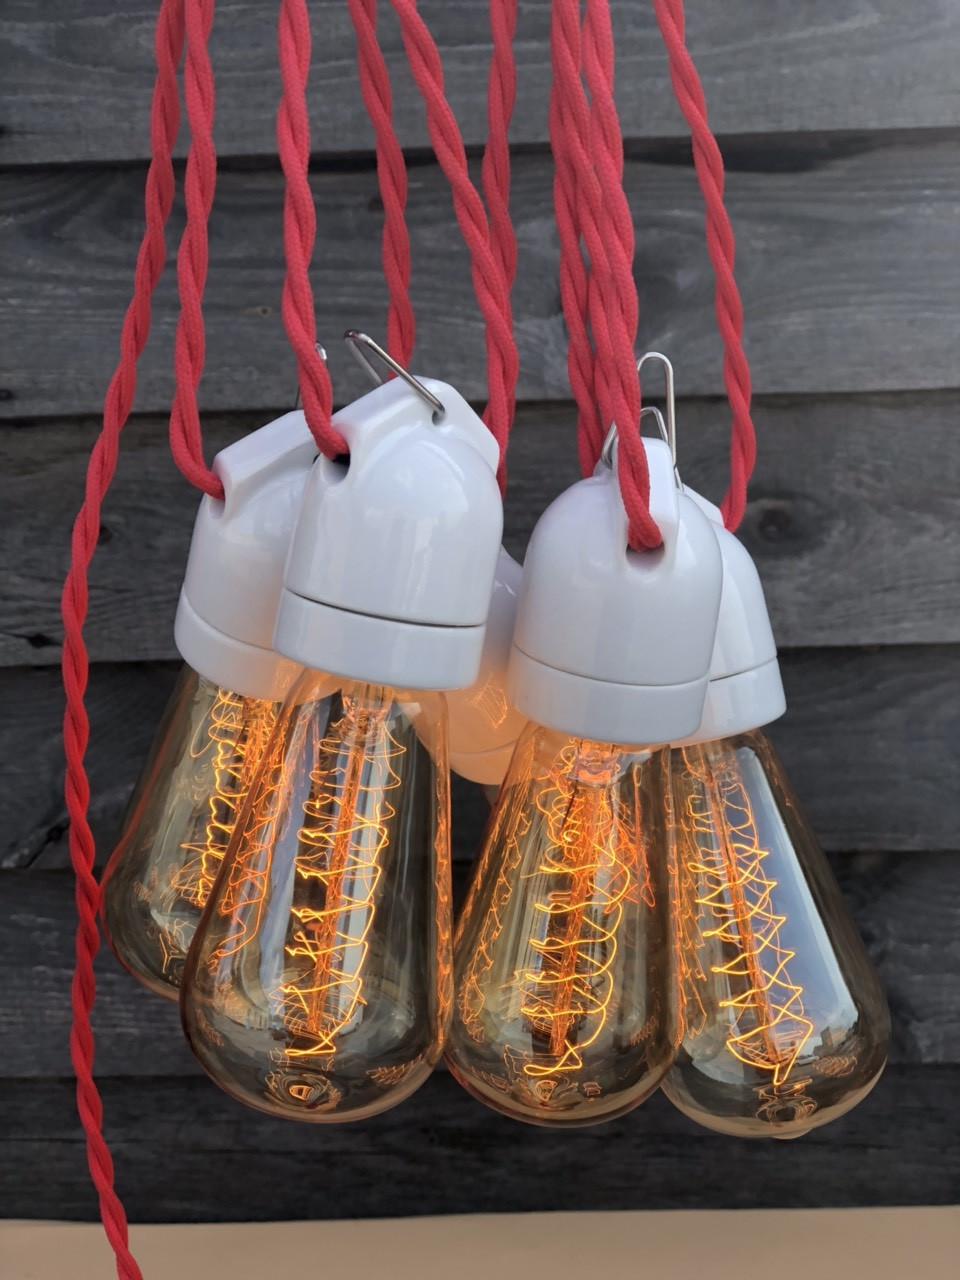 Ретро гирлянда черная 25 метров 51 лампа LED EDISON + защита от дождя IP-33 и монтажный трос в подарок